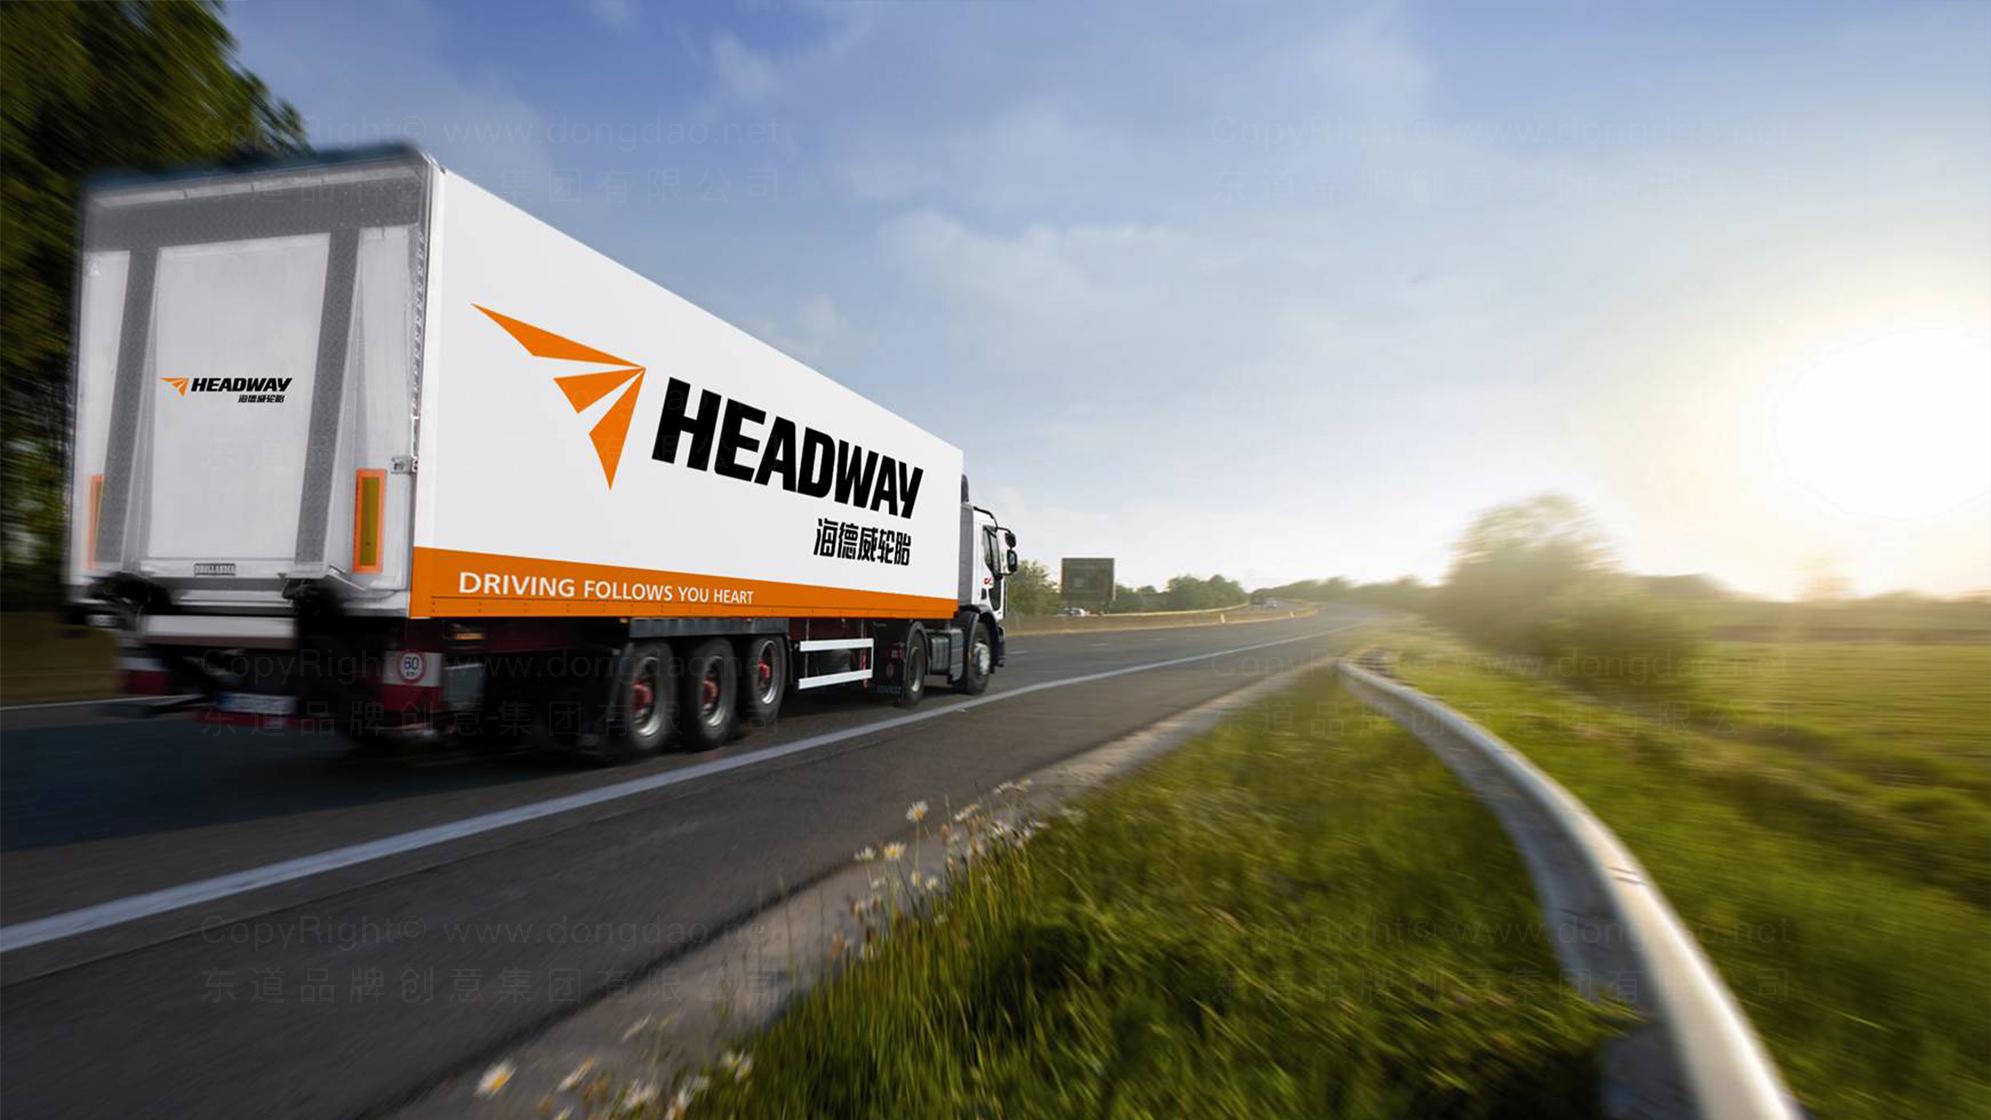 品牌设计海德威轮胎标志设计应用场景